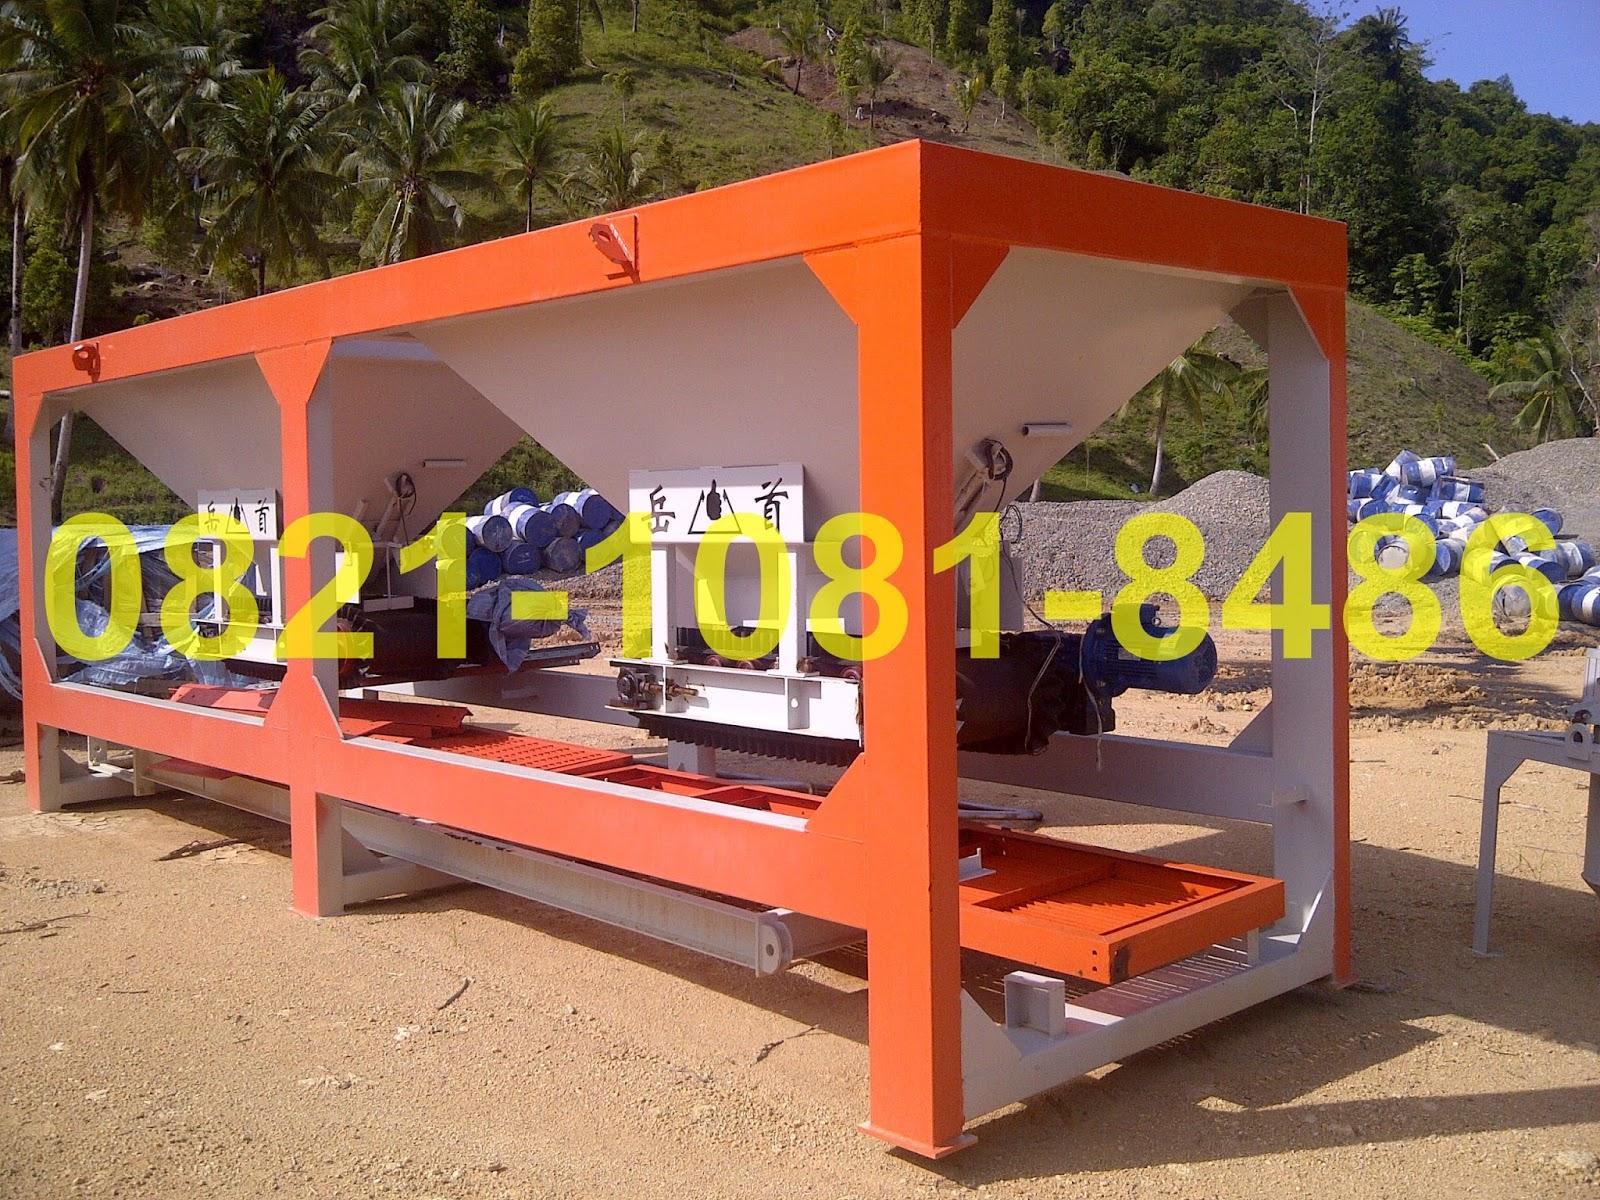 Harga Dan Spesifikasi Hydraulic Gear Puller Krisbow 40t Kw0102604 Lee Cooper Lc37gd Jam Tangan Pria Cokelat Jual Asphlat Mixing Plant Amp Lb 1000 Stone Crusher Mesin